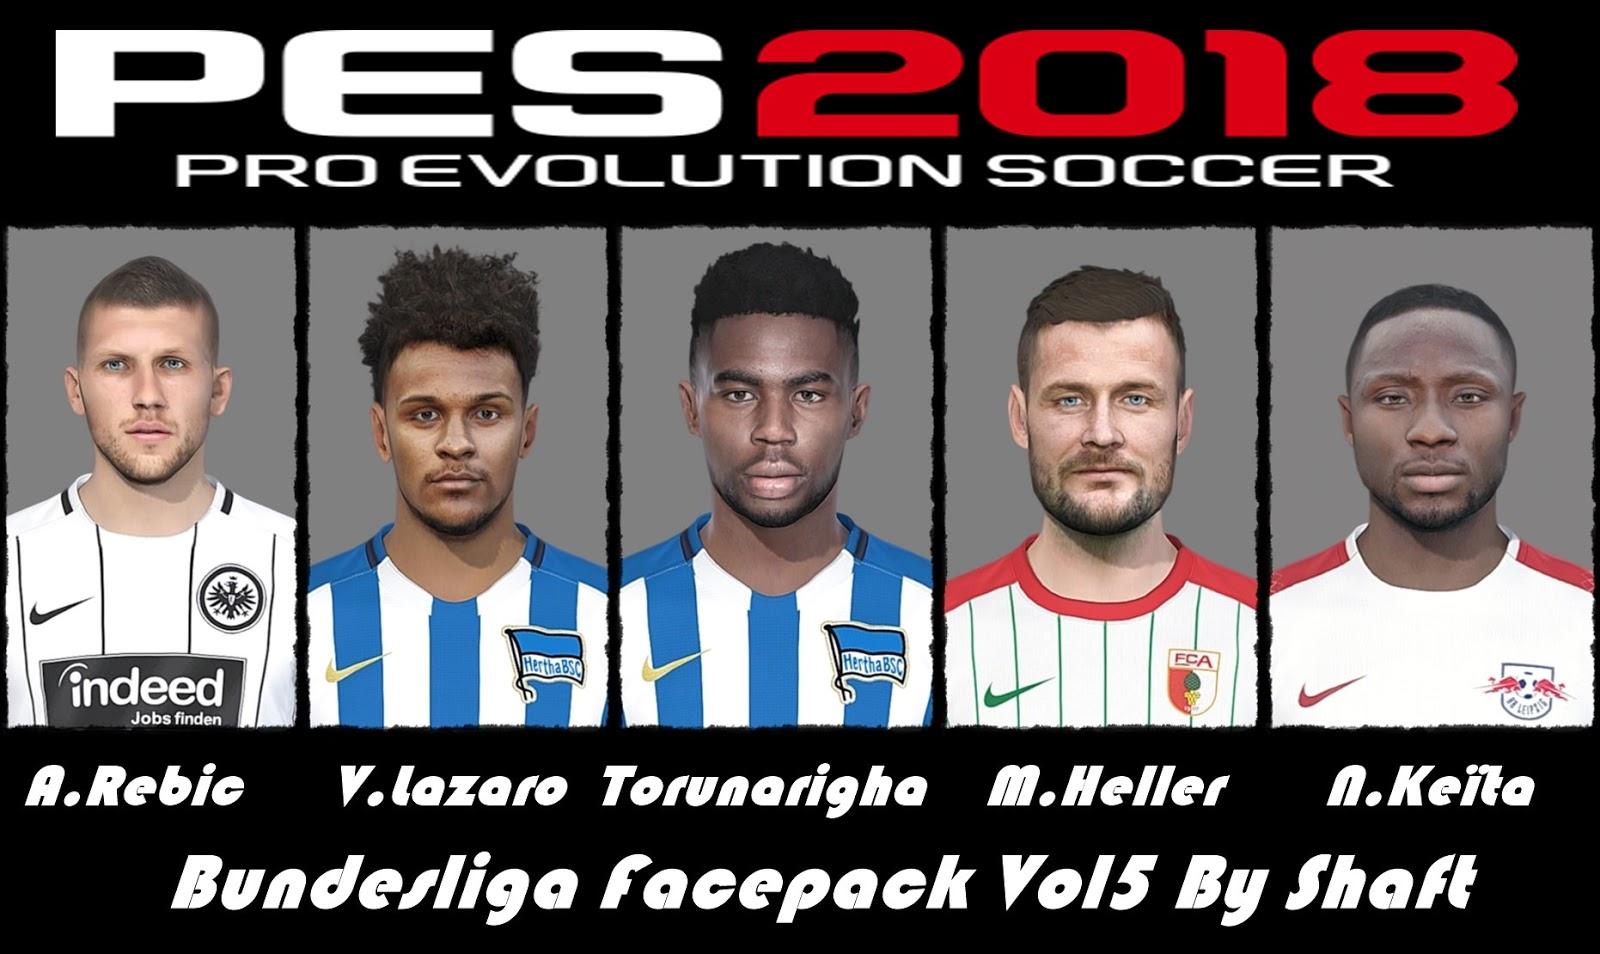 PES 2018 Bundesliga Facepack Vol5 by Shaft